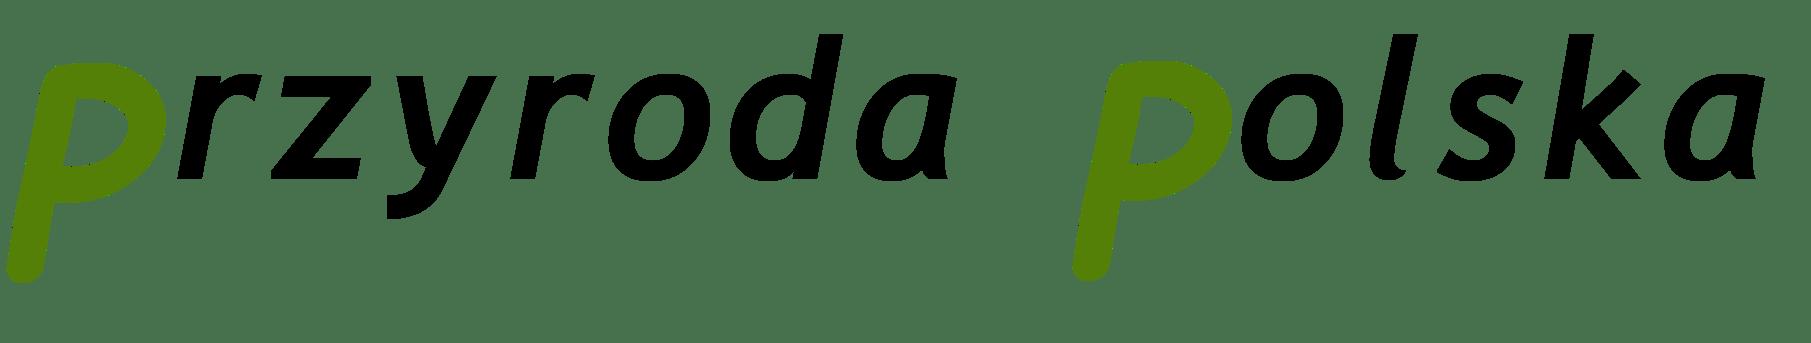 Przyroda polska - logo